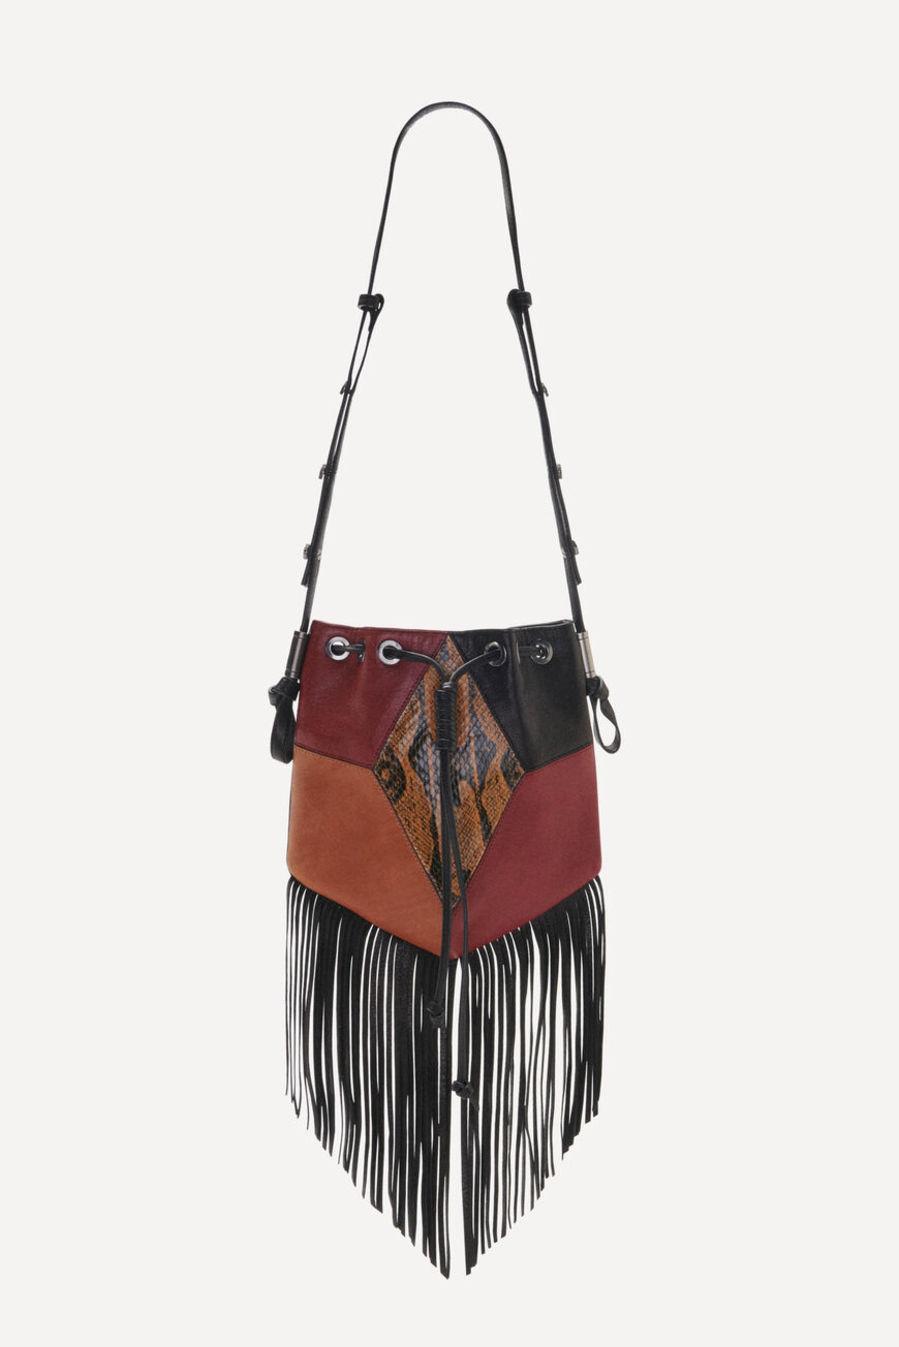 De patchwork - Los bolsos de estilo boho que nunca pasan de moda